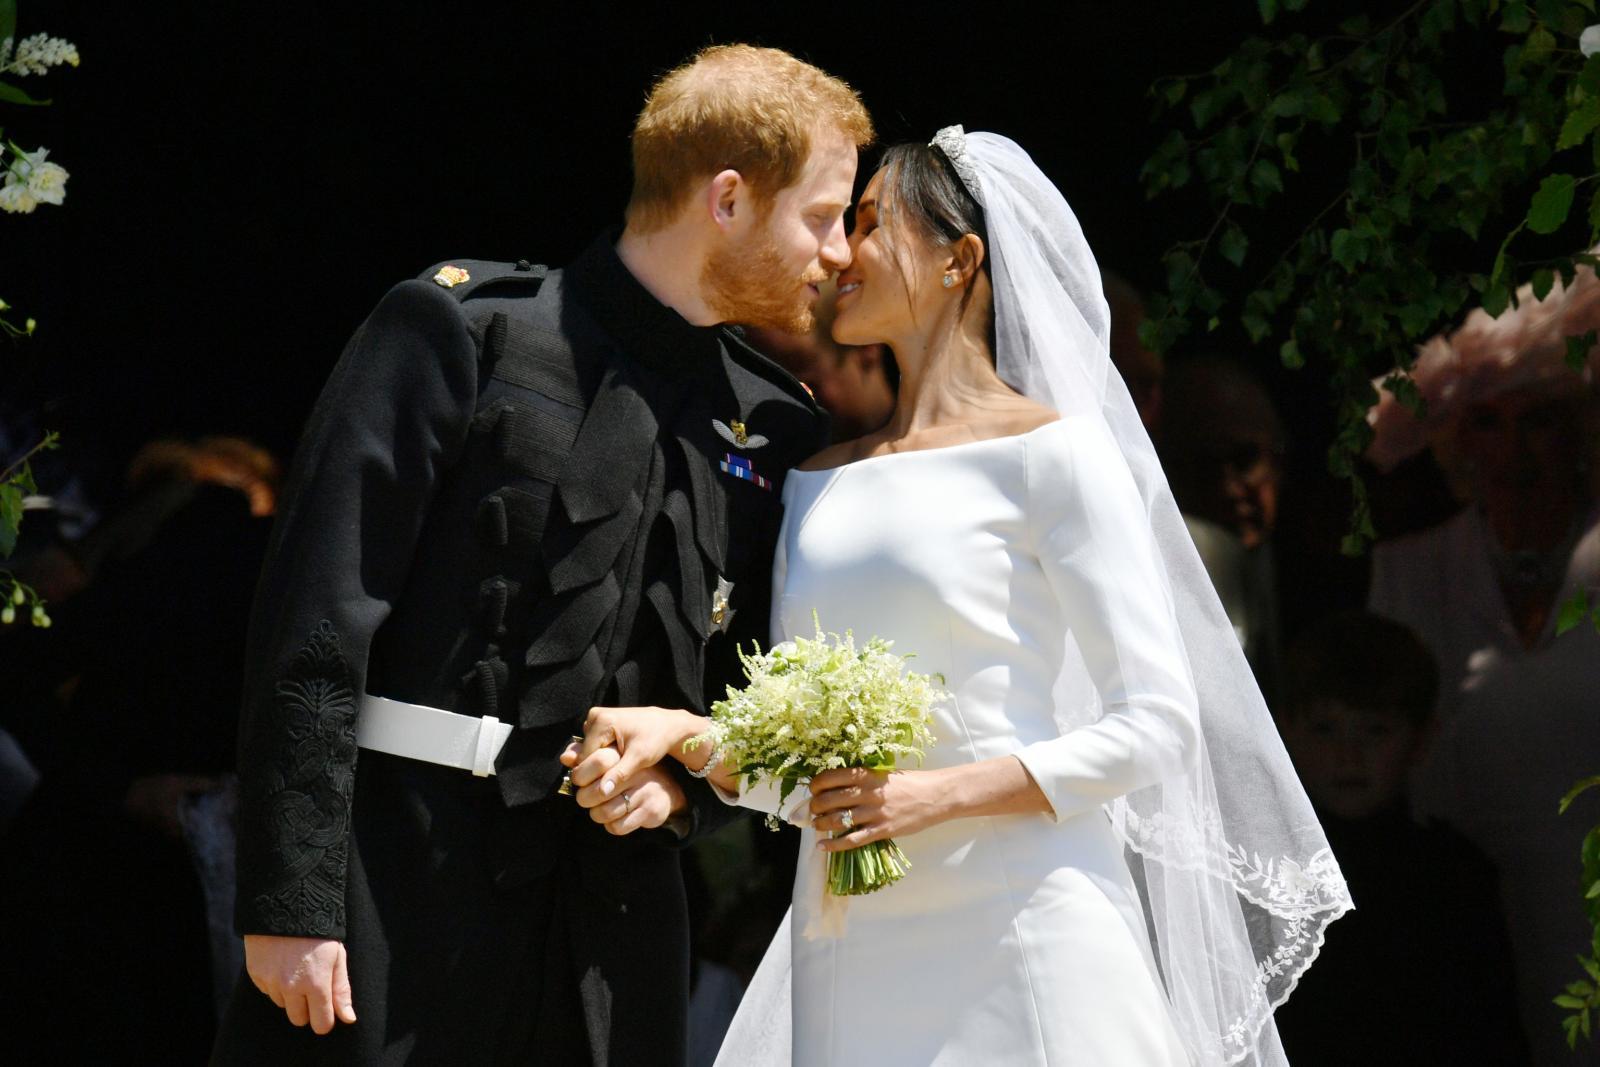 """สุดประทับใจ!! พิธีเสกสมรส """"เจ้าชายแฮร์รี่-เมแกน มาร์เคิล"""""""